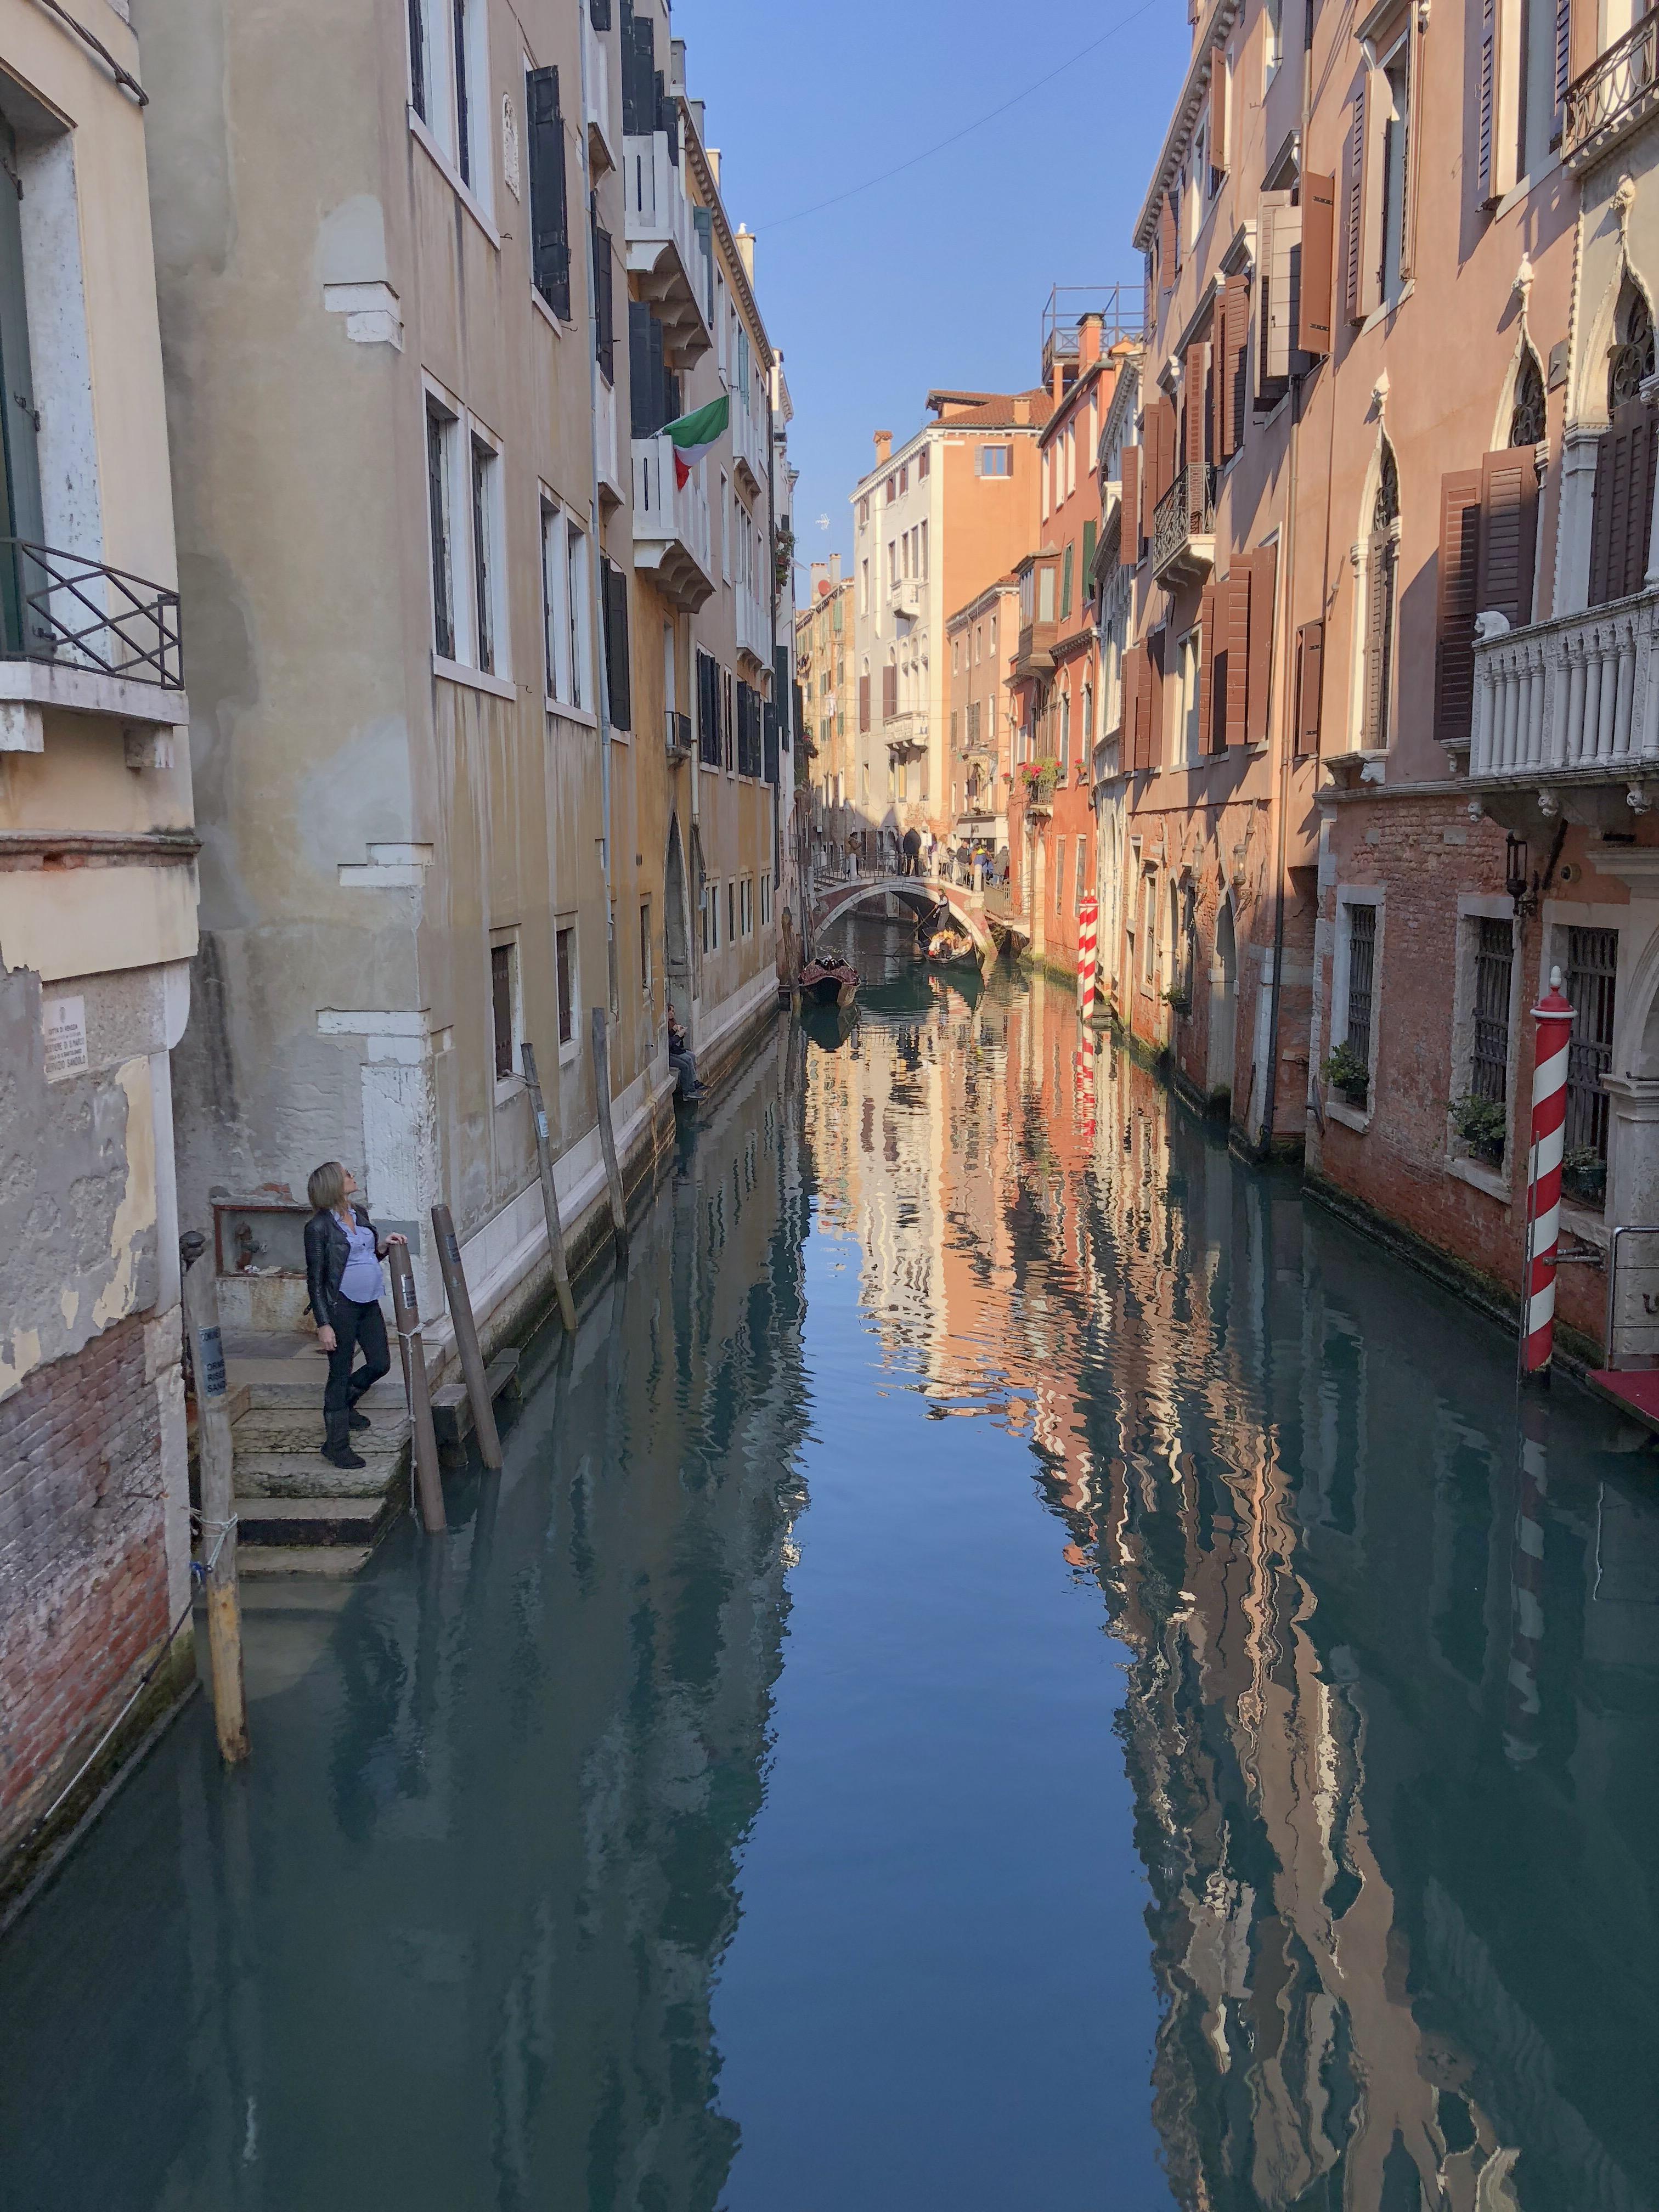 Guia de Veneza - o que fazer em Veneza ?